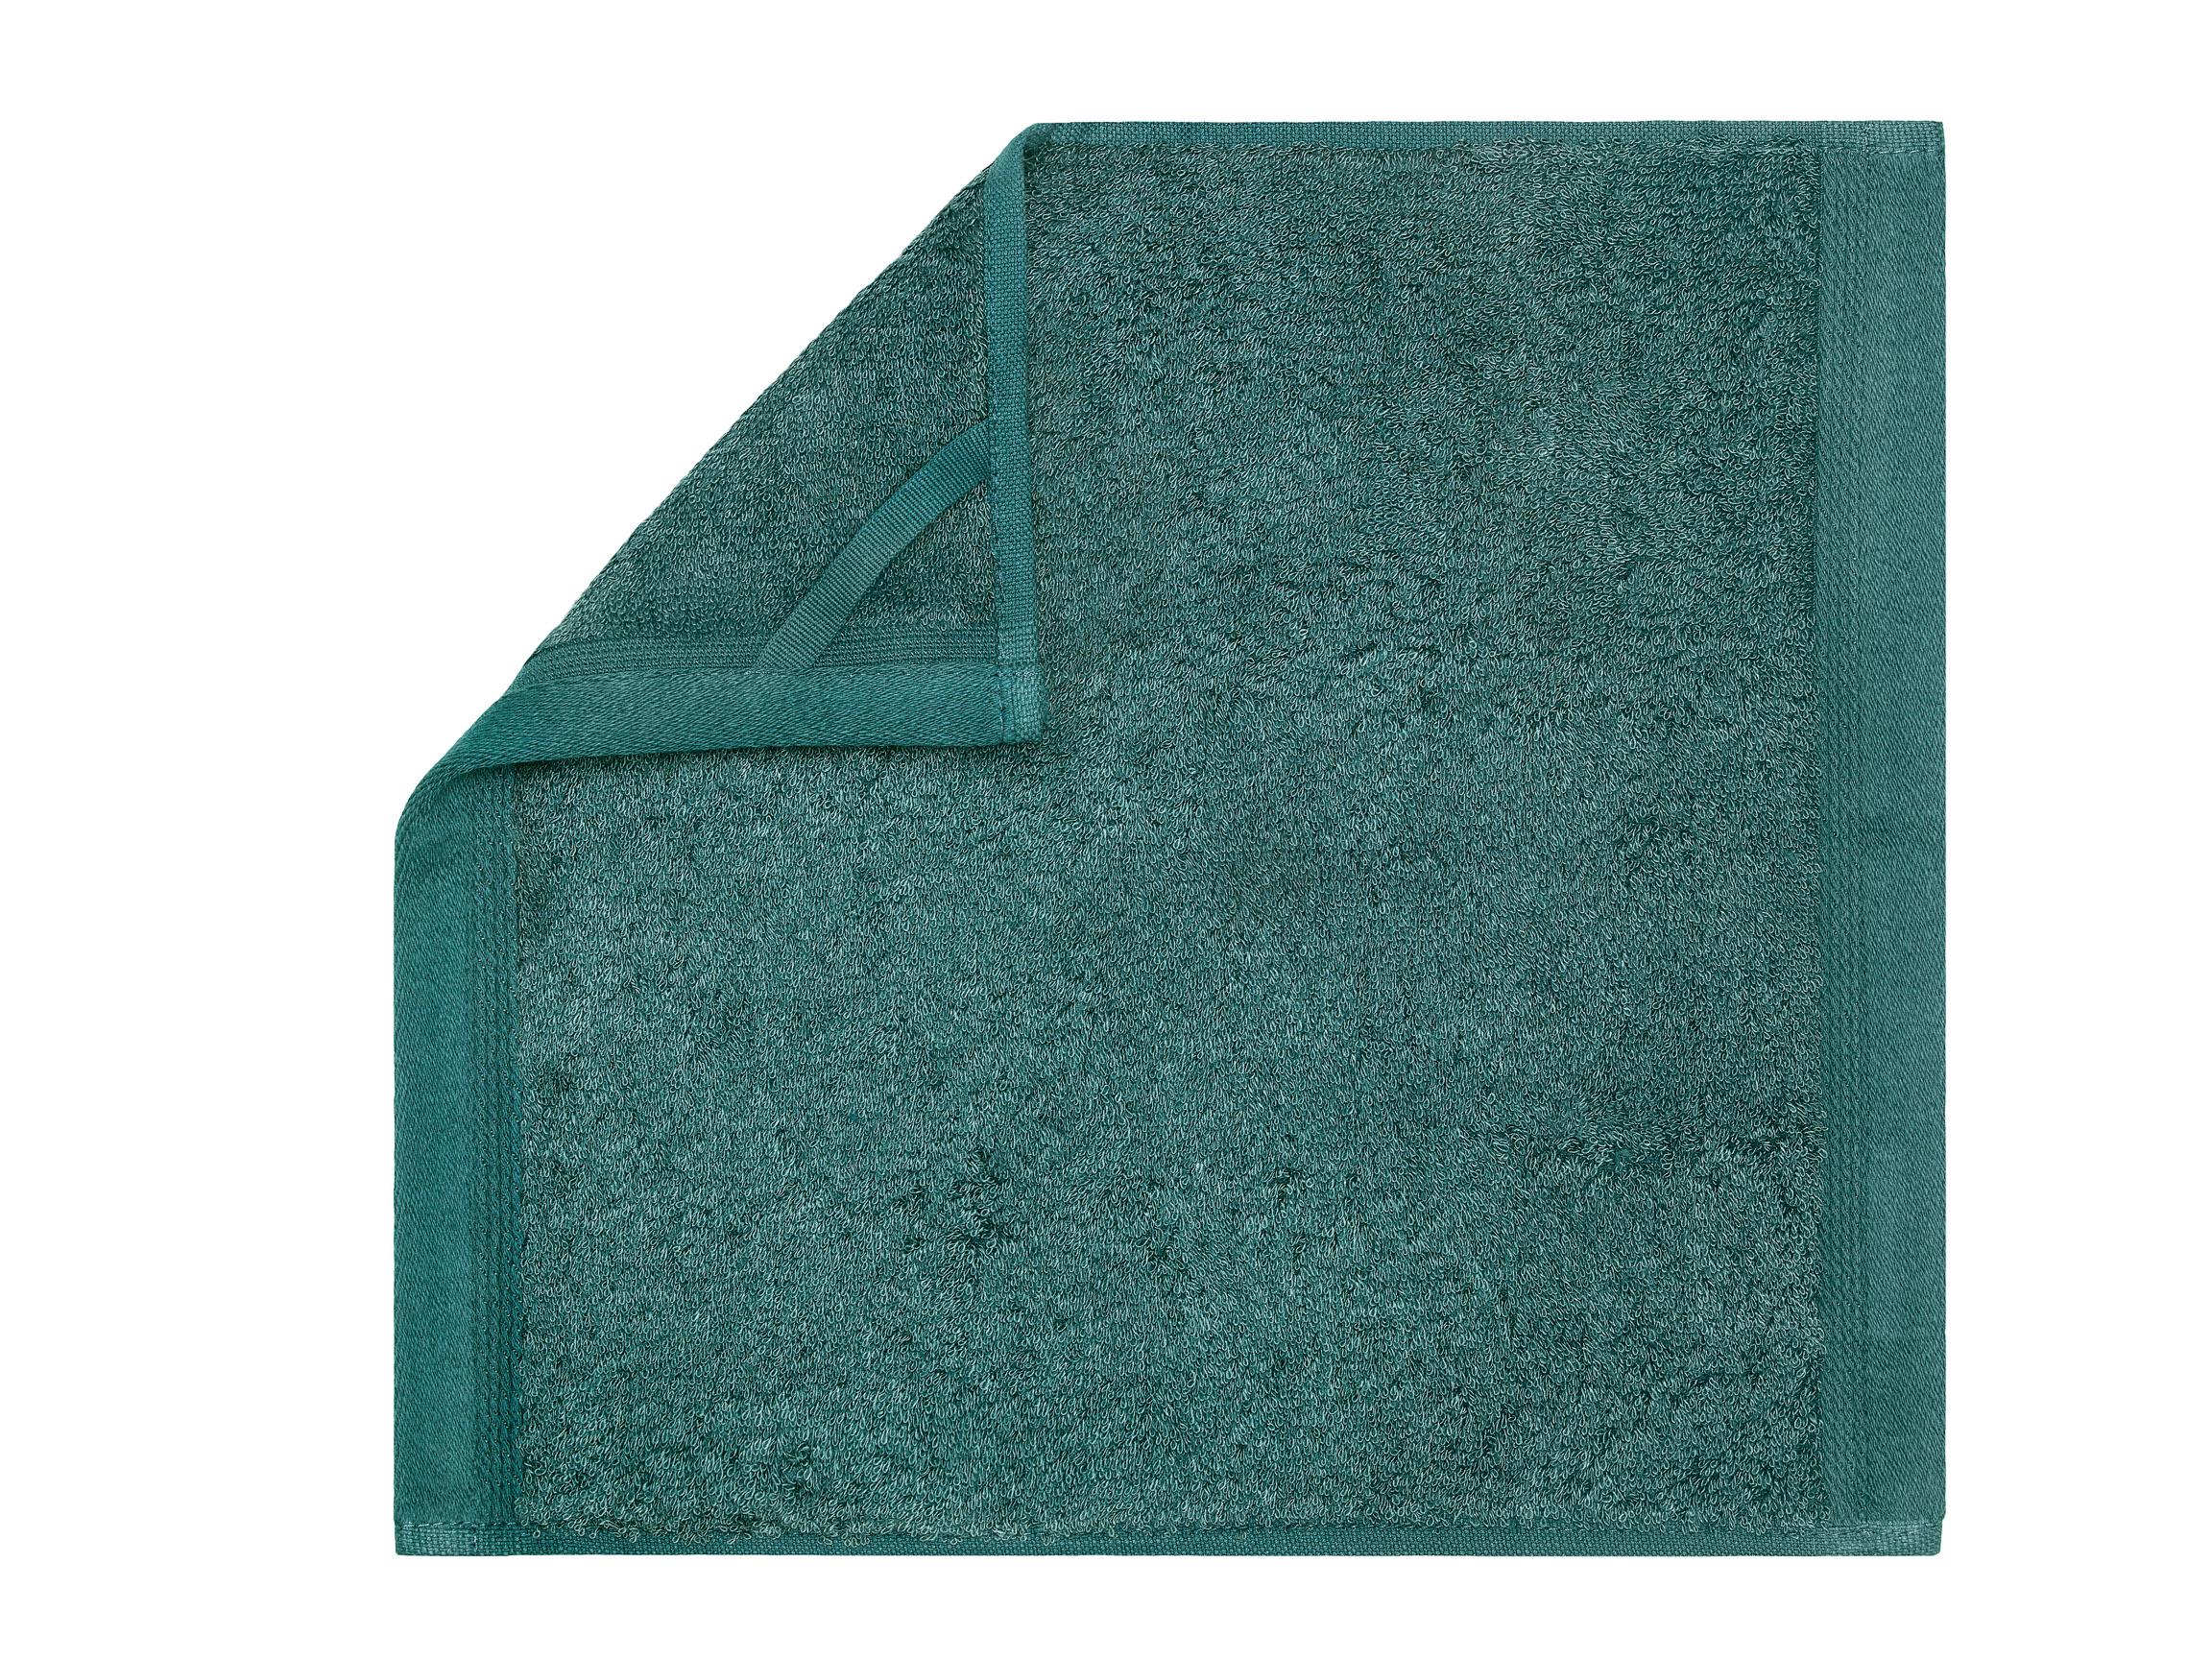 Купить Полотенца Togas, Полотенце Пуатье Цвет: Изумрудный (30х30 см - 3 шт), Греция, Модал